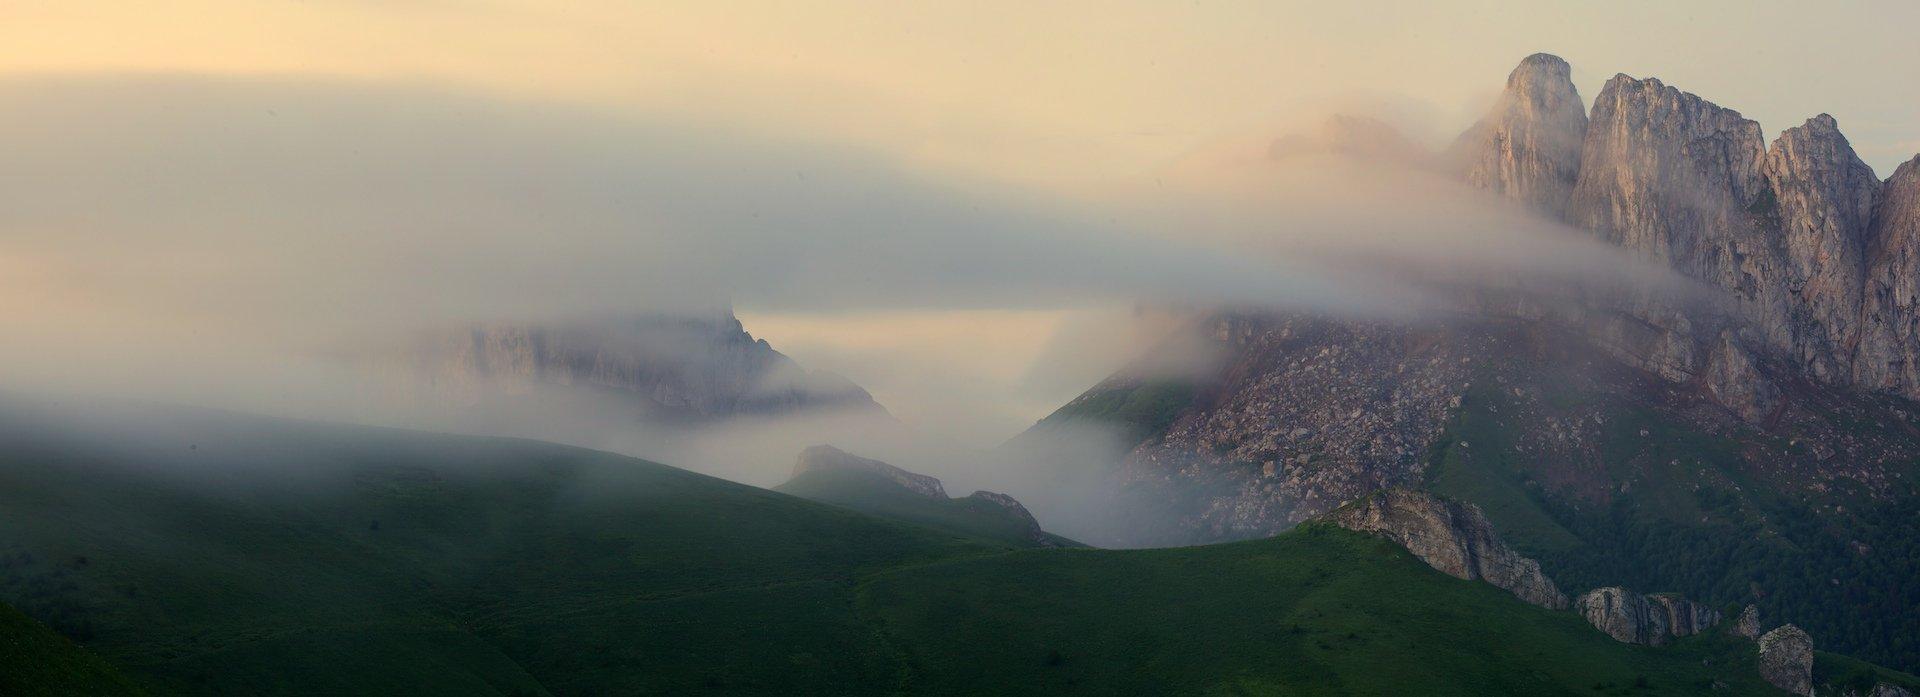 природный парк большой тхач рассвет горы кавказ утренний туман ачешбоки, Никифоров Егор